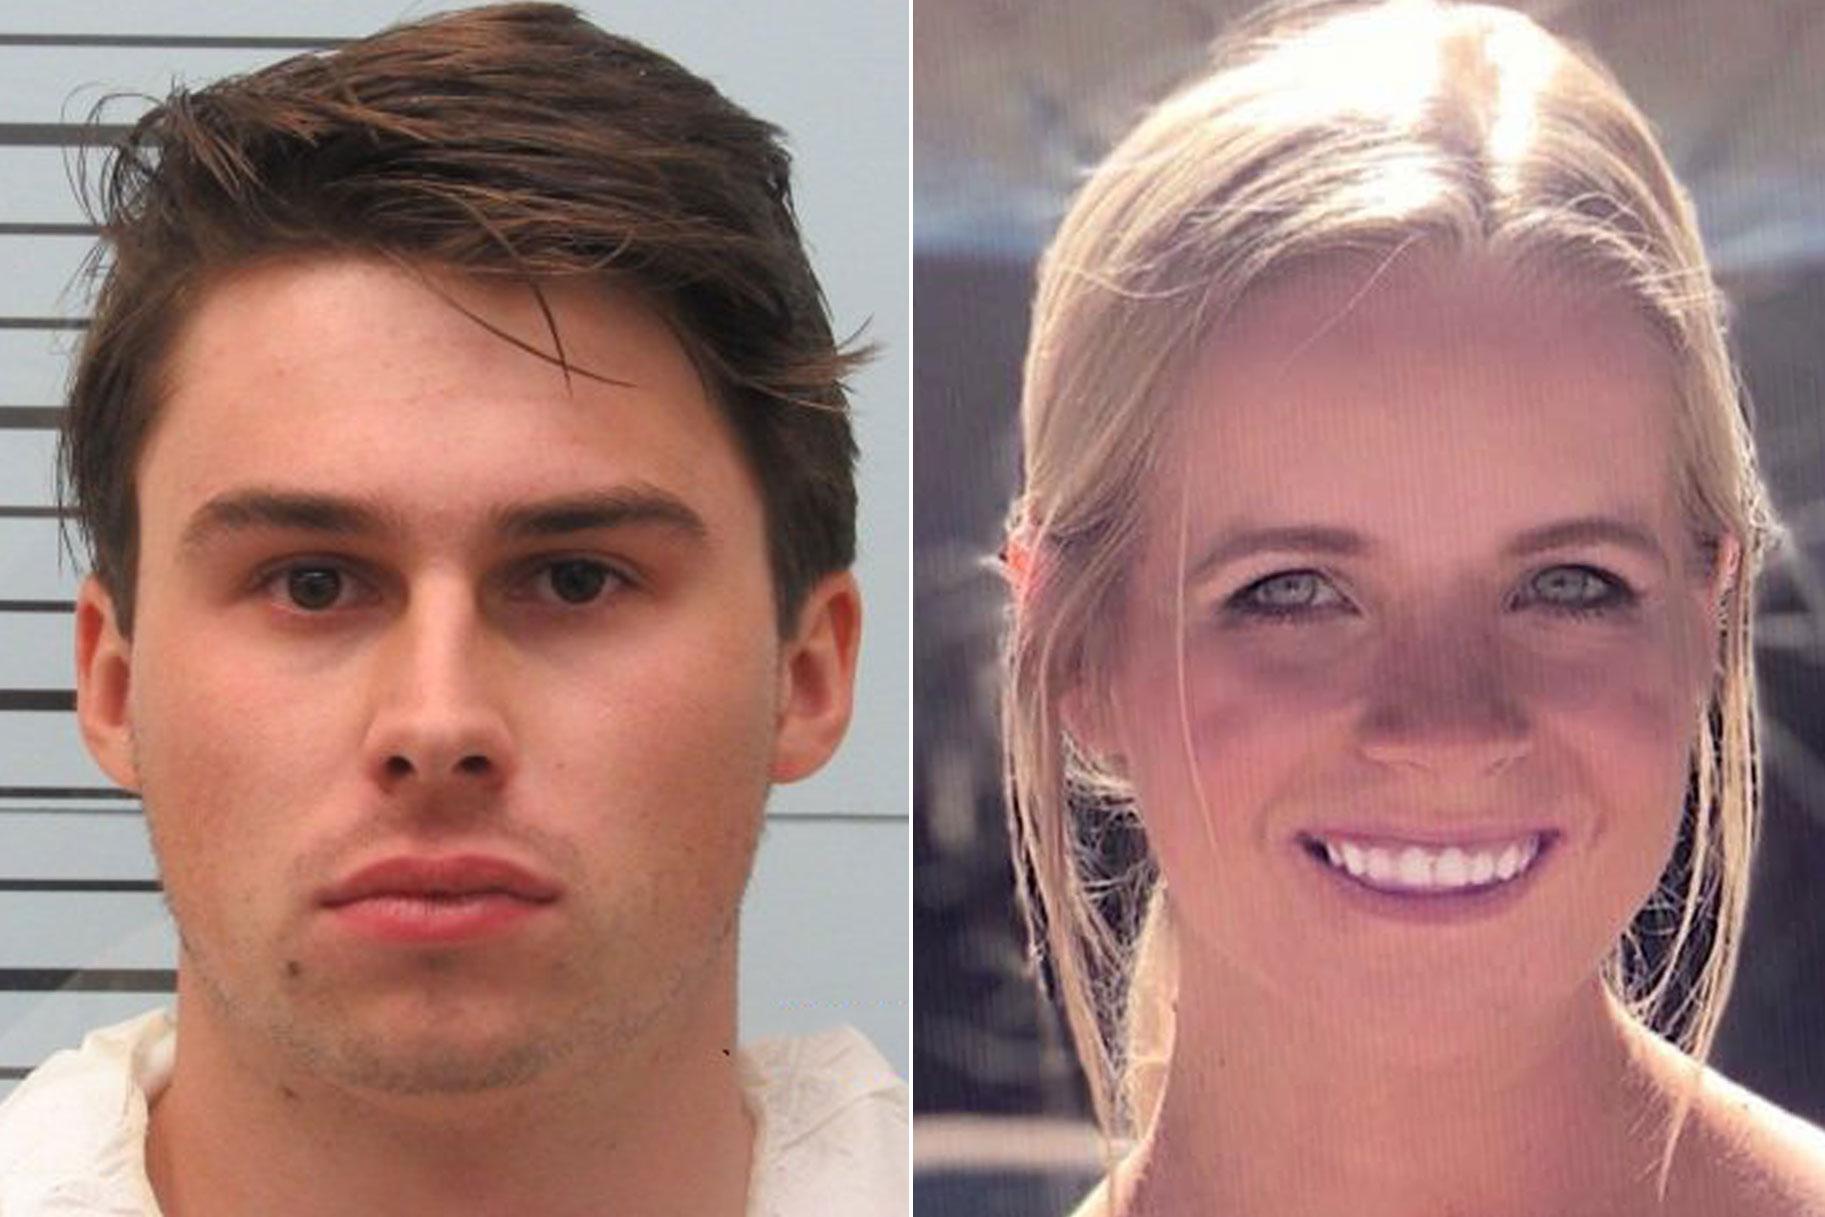 Ένας άντρας κατηγορείται για πυροβολισμό της Ole Miss Student σε θάνατο και την πτώση του σώματός της κοντά στη λίμνη Pleads που δεν είναι ένοχος